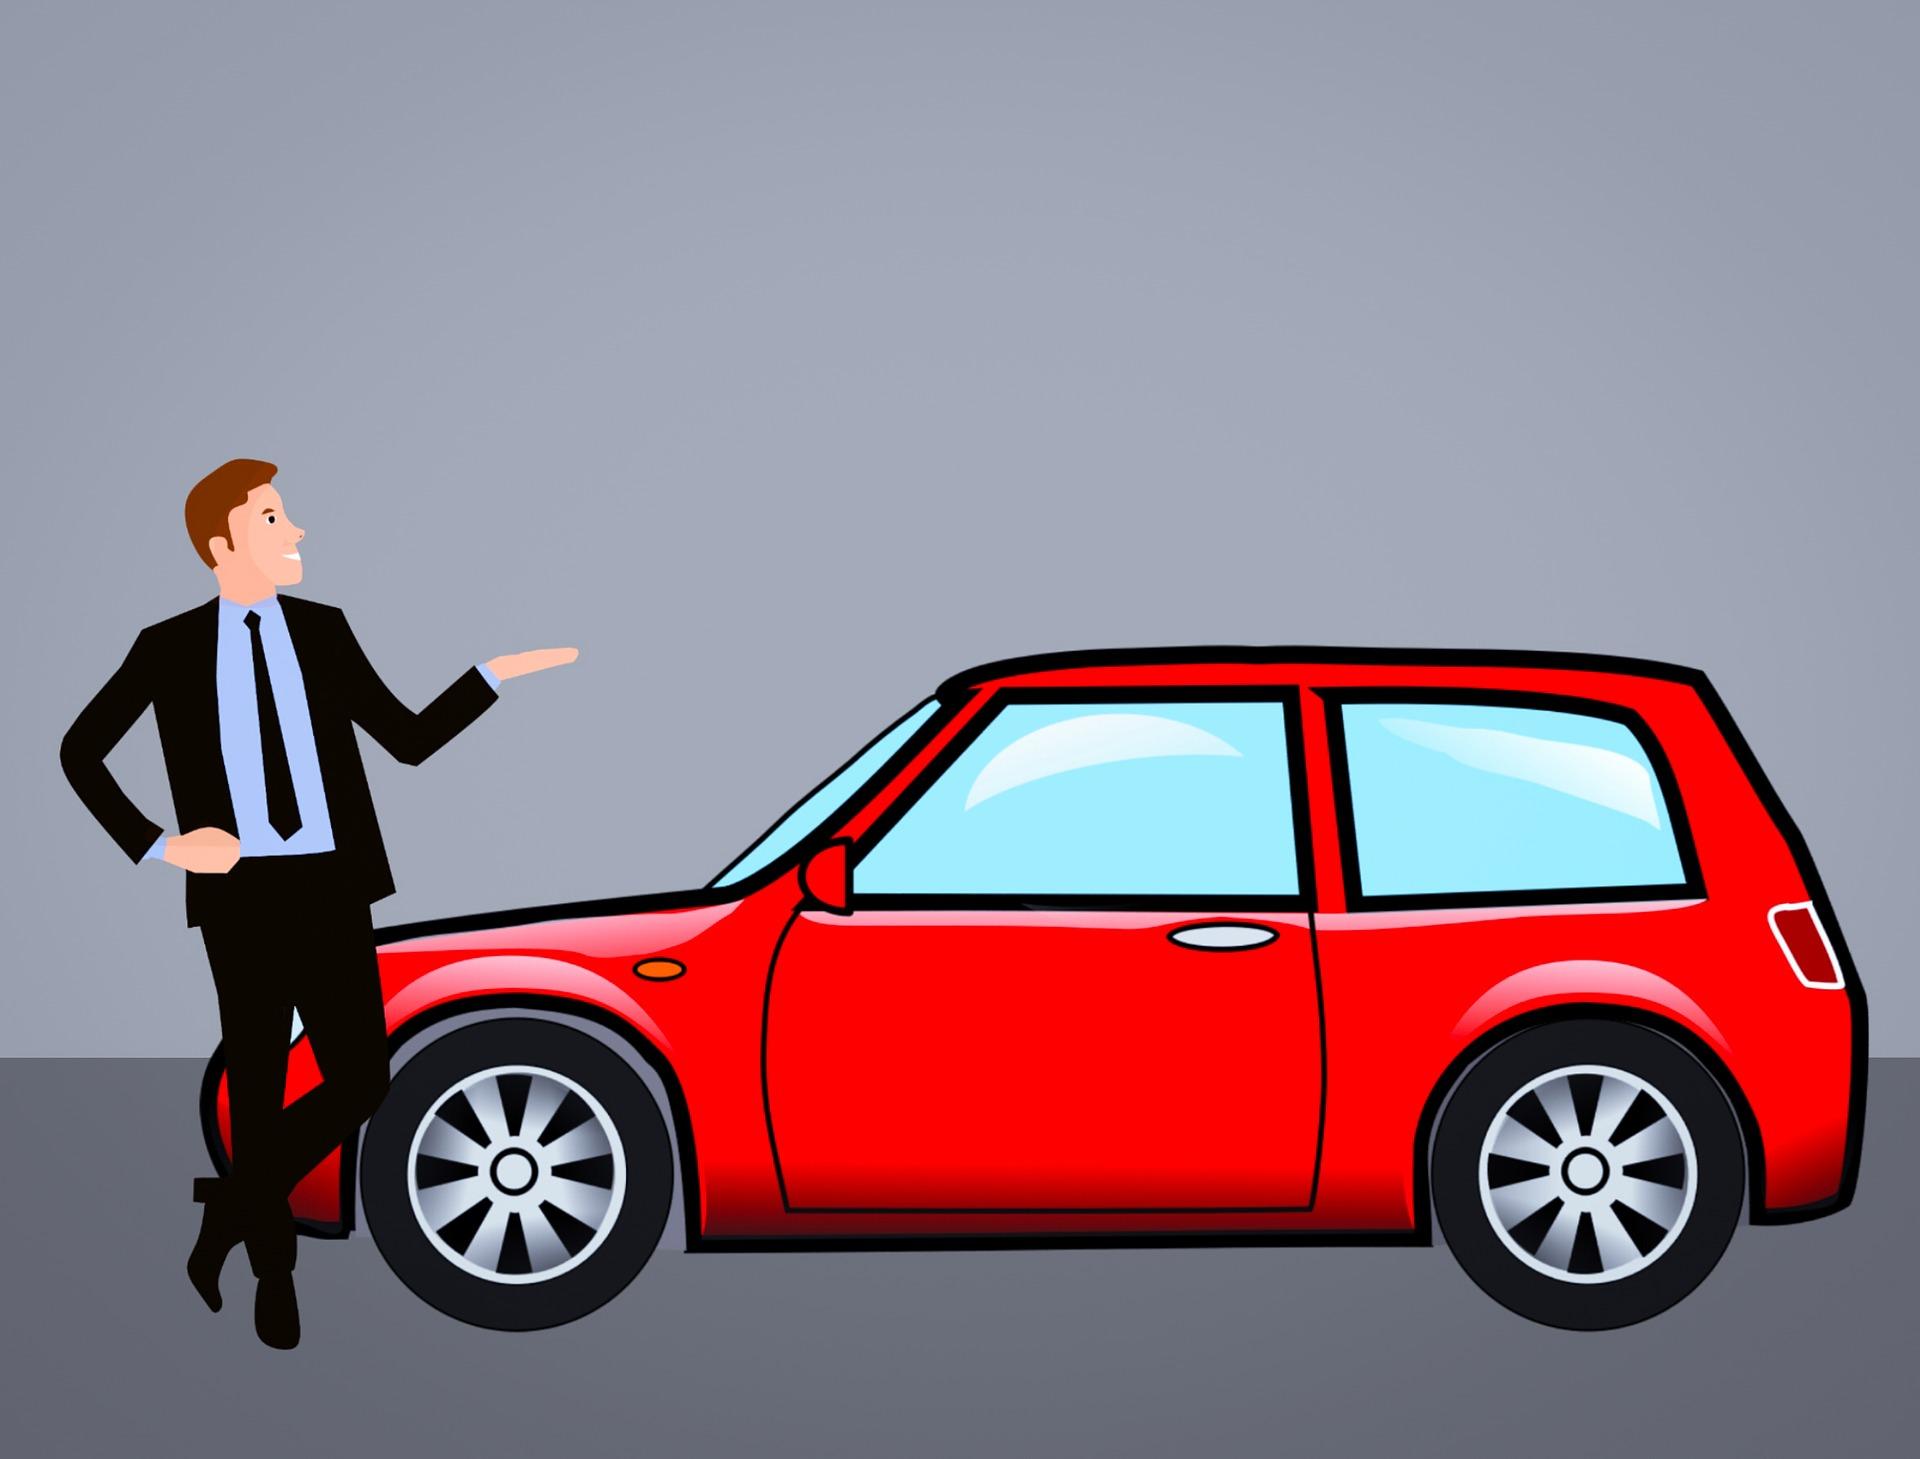 Comprare l'auto nuova periodo migliore e errori da non fare (1)